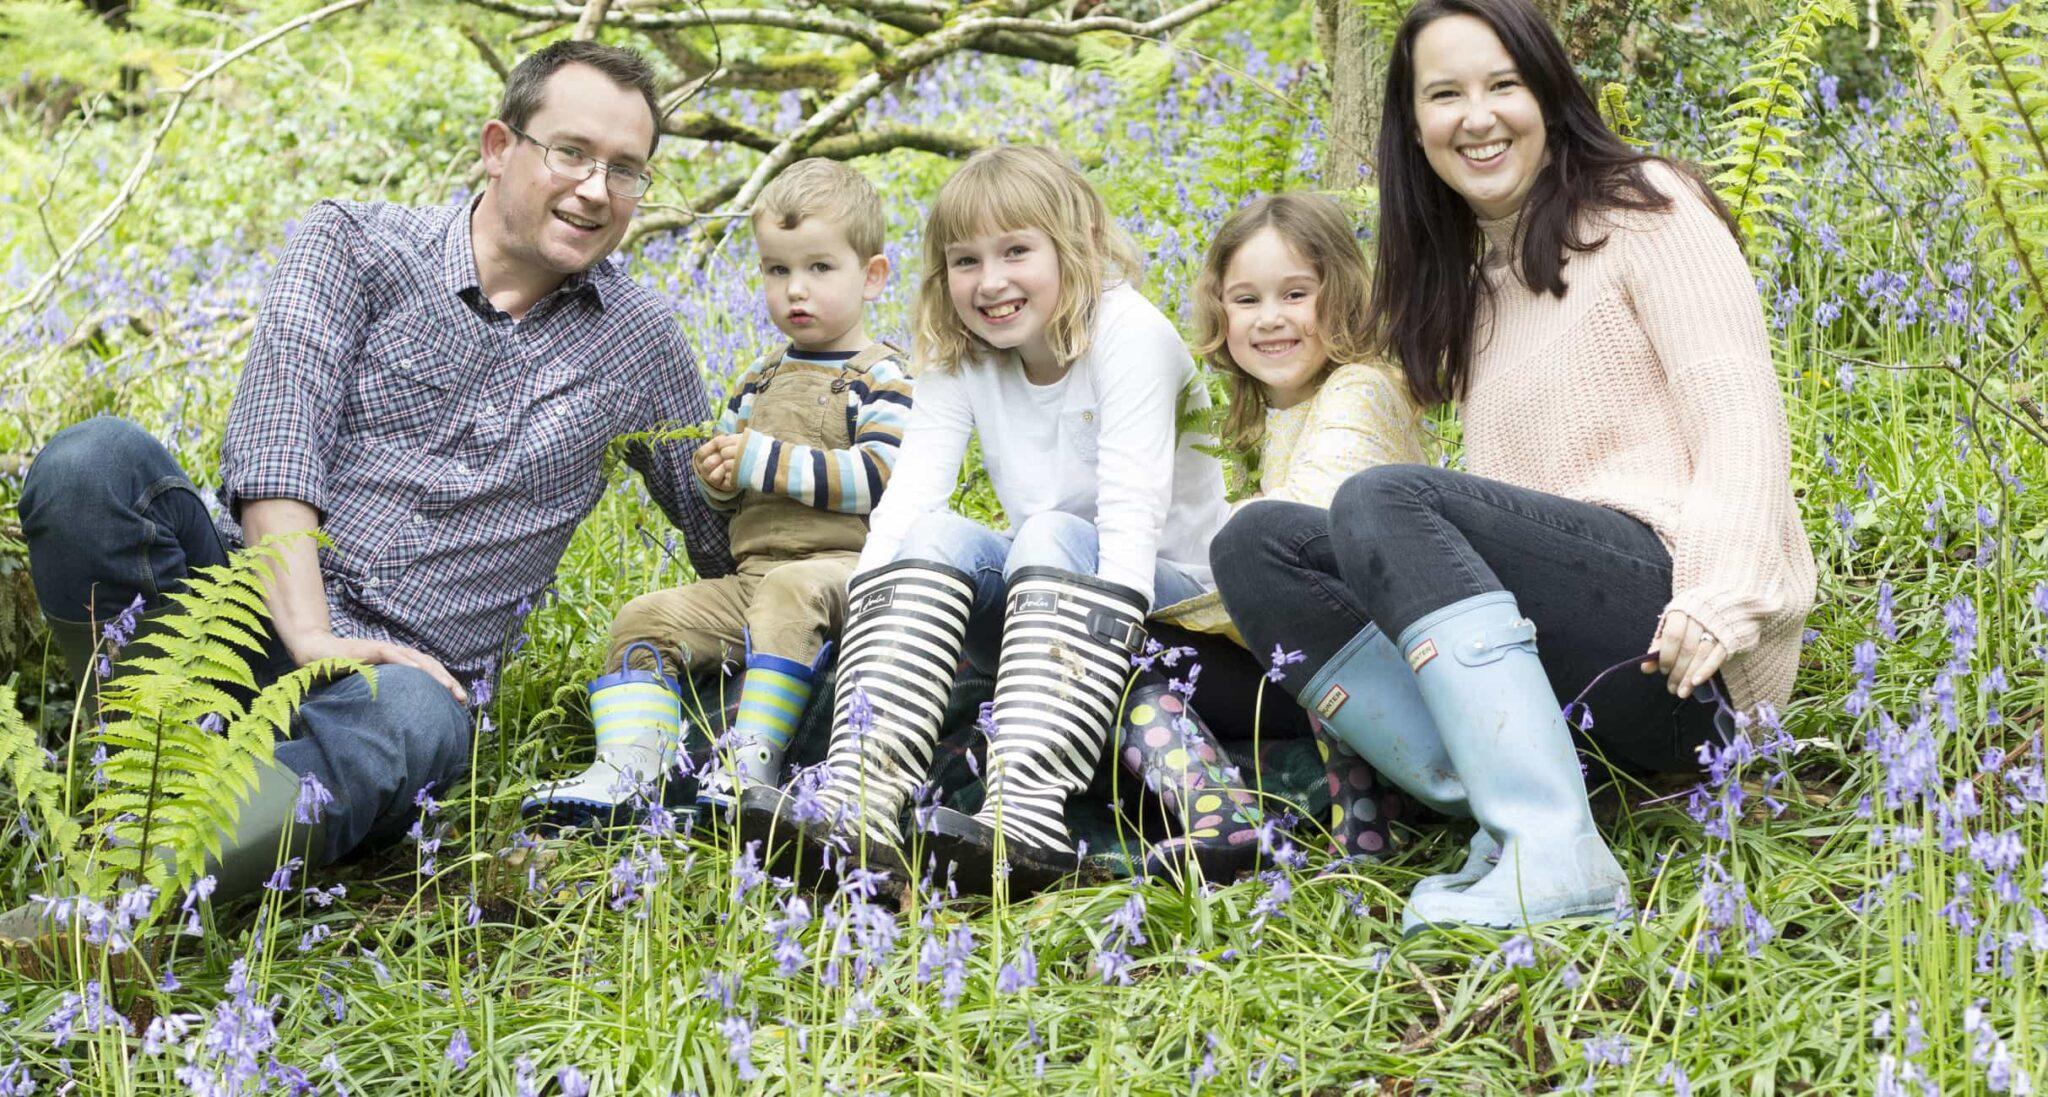 family photo may 2017